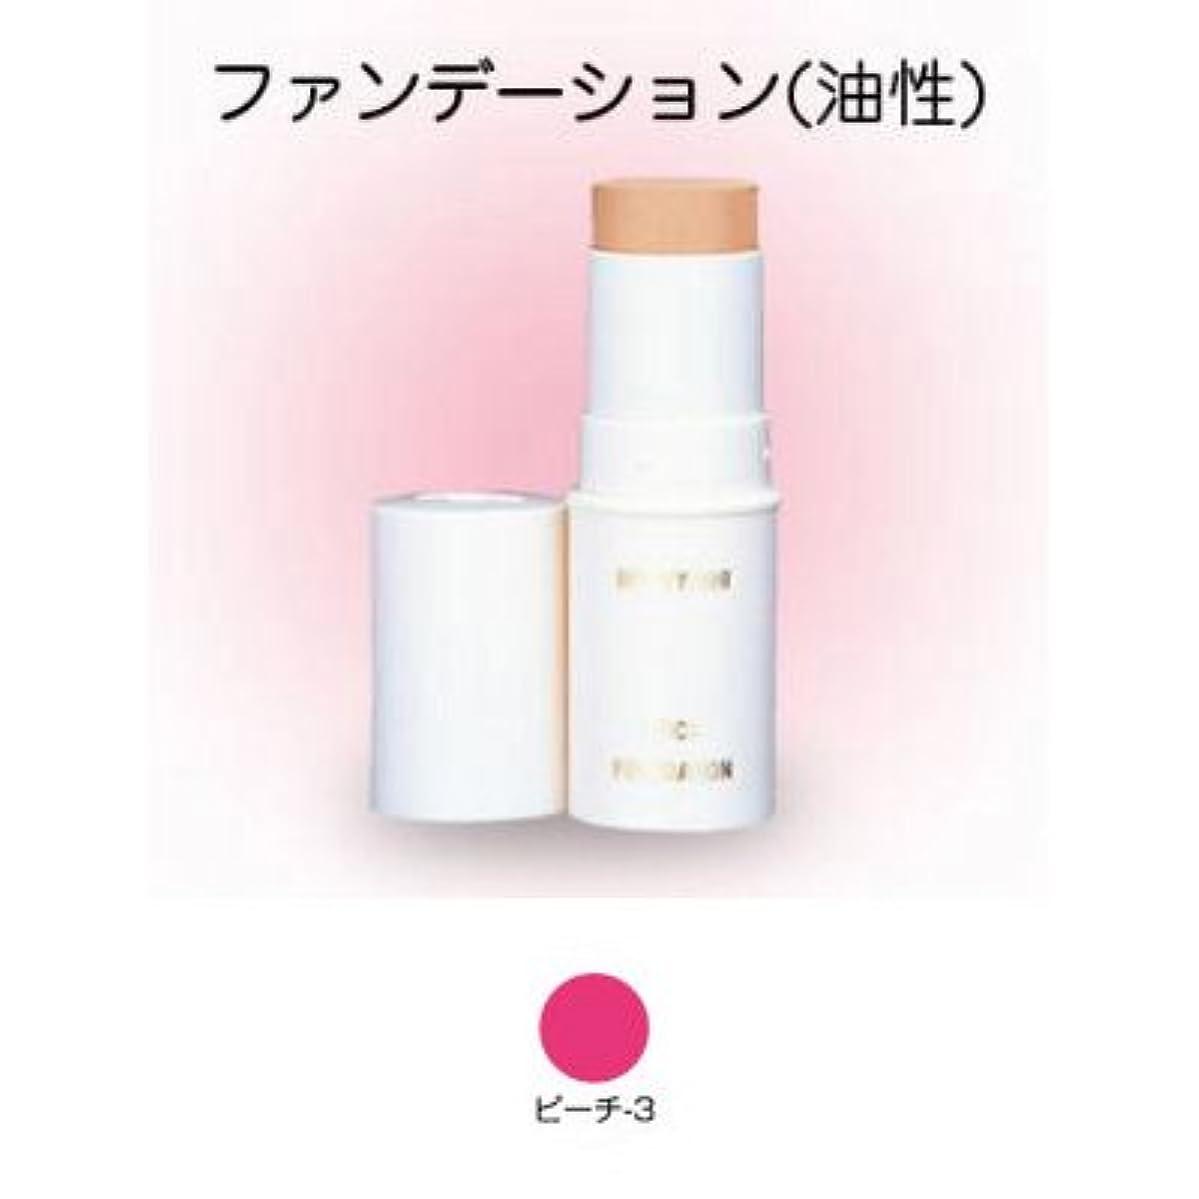 弾薬以降オズワルドスティックファンデーション 16g ピーチ-3 【三善】